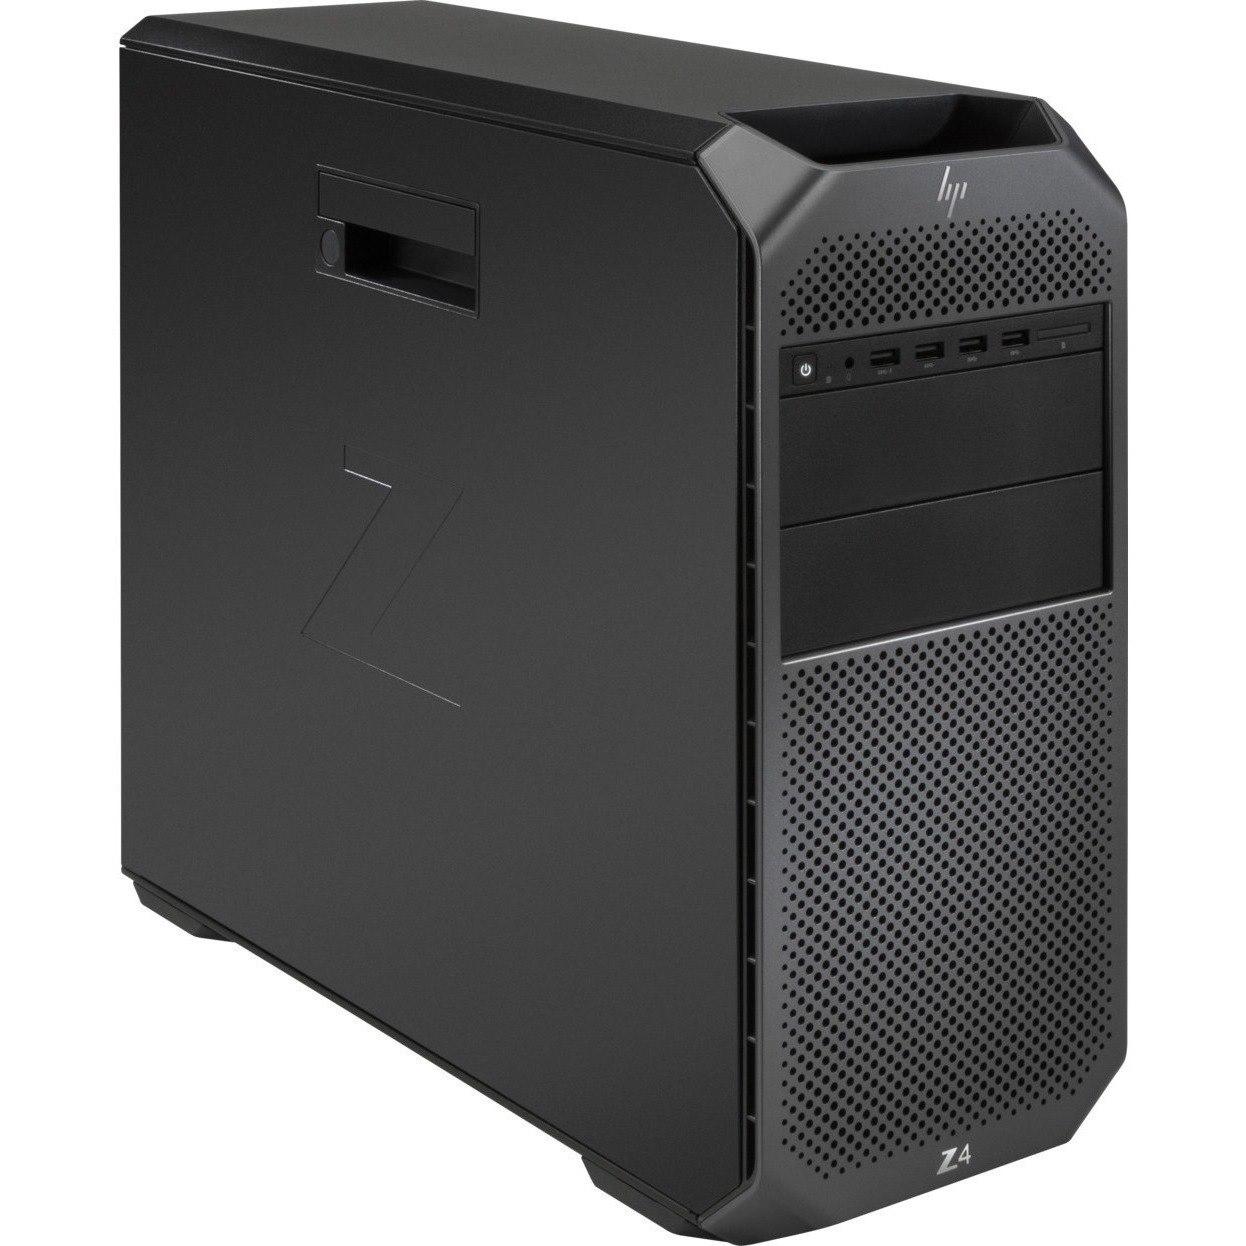 HP Z4 G4 Workstation - 1 x Intel Xeon Octa-core (8 Core) W-2245 3.90 GHz - 64 GB DDR4 SDRAM RAM - 2 TB HDD - 1 TB SSD - Mini-tower - Black